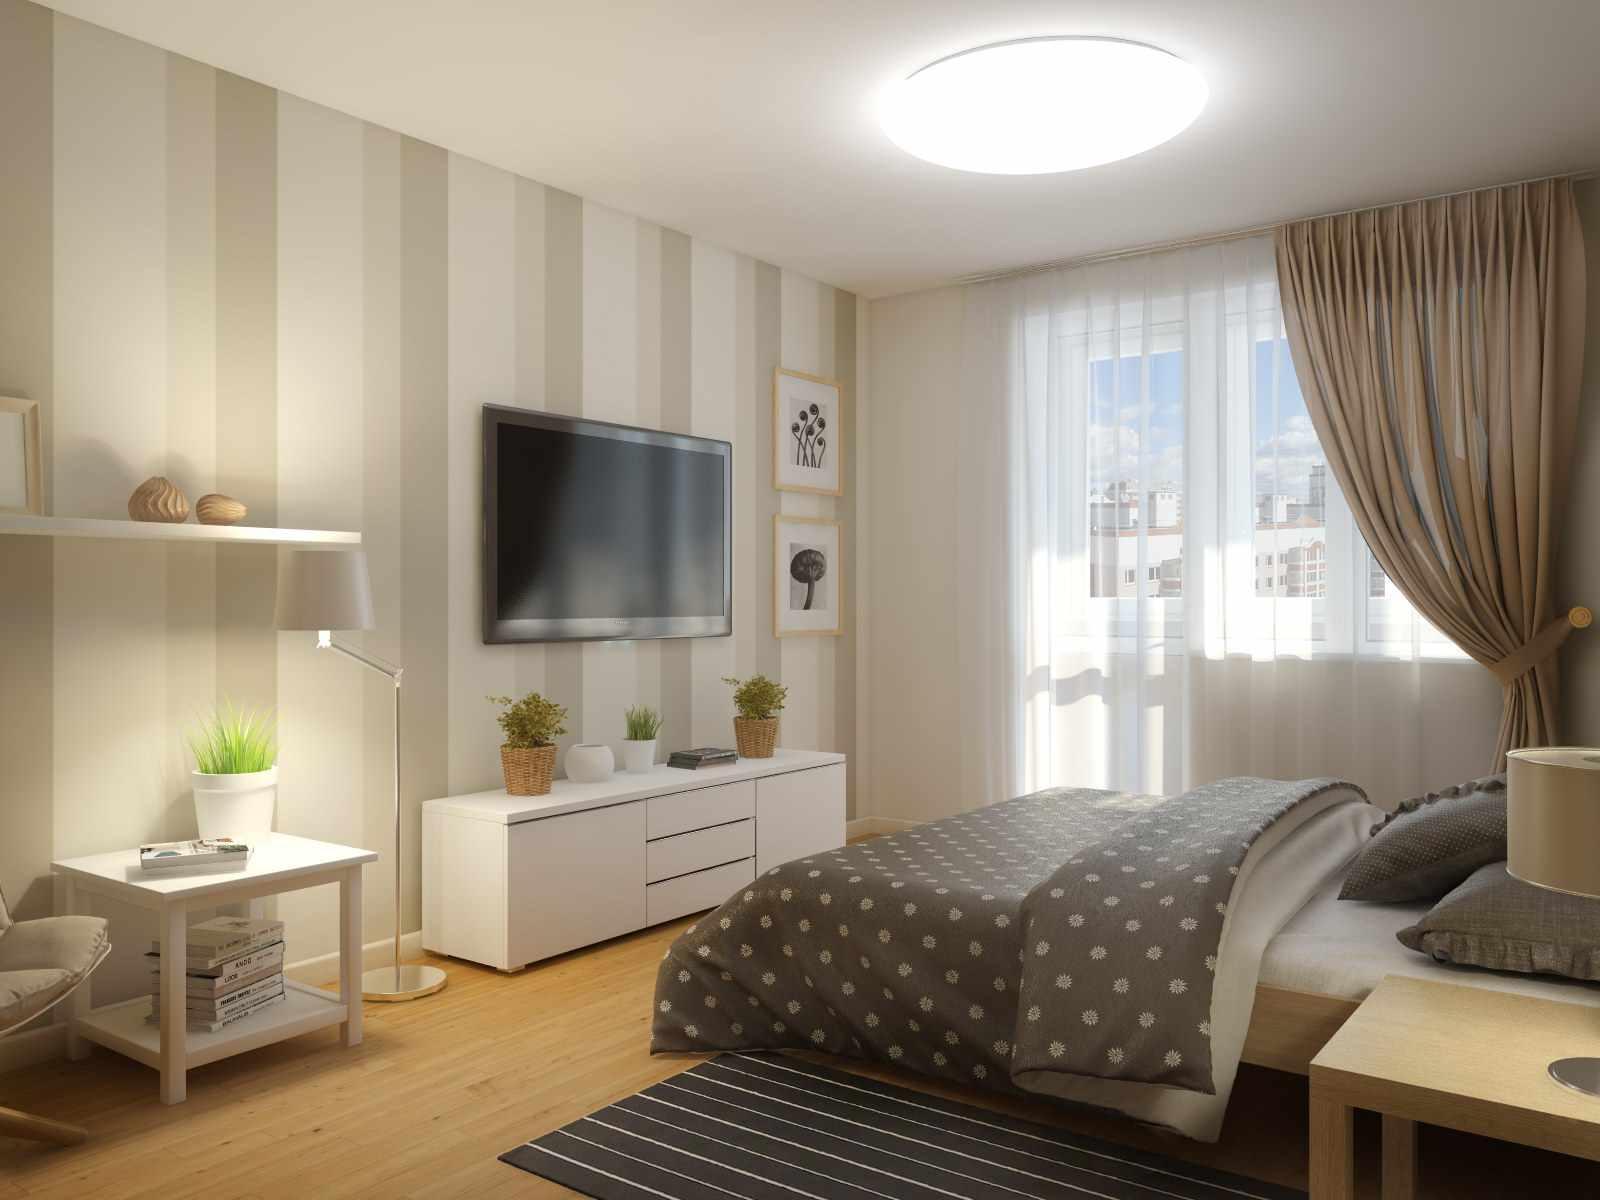 Ремонт в маленькой спальне (143 фото): идеи и варианты дизайна в небольших квартирах